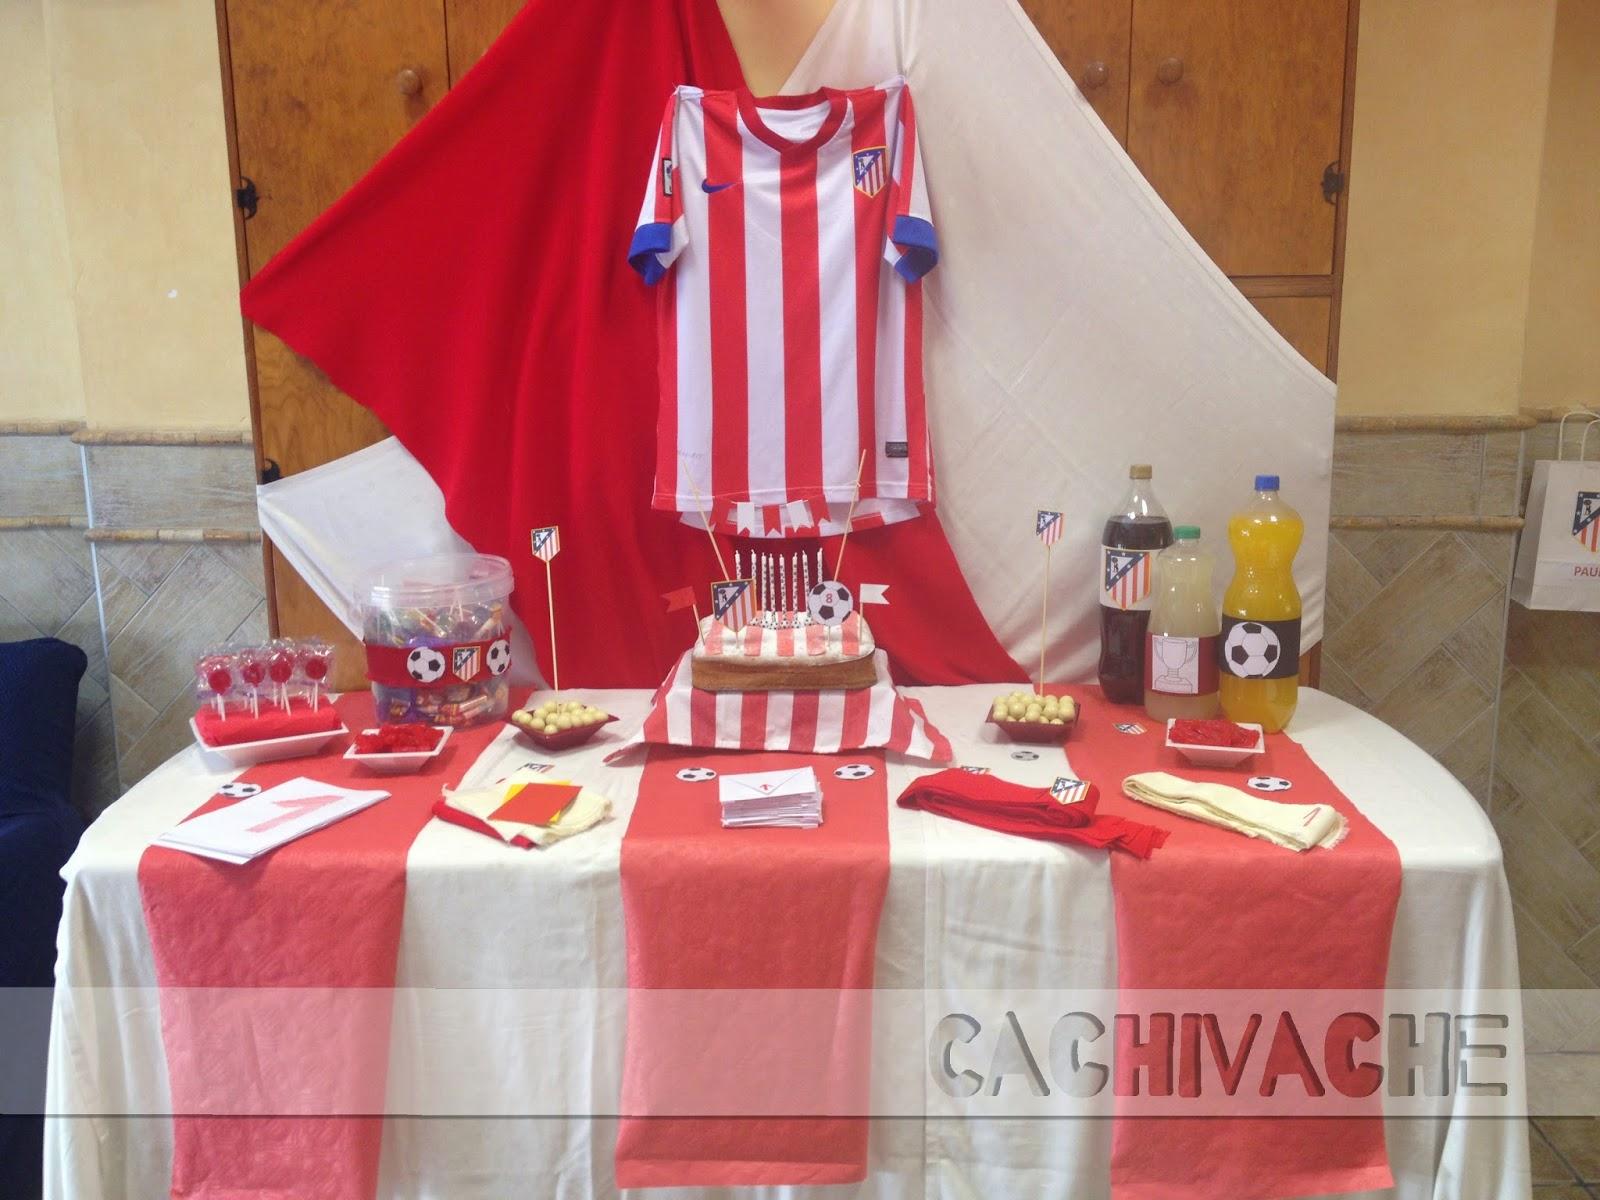 Fiesta de cumplea os atletico de madrid - Decoracion madrid ...